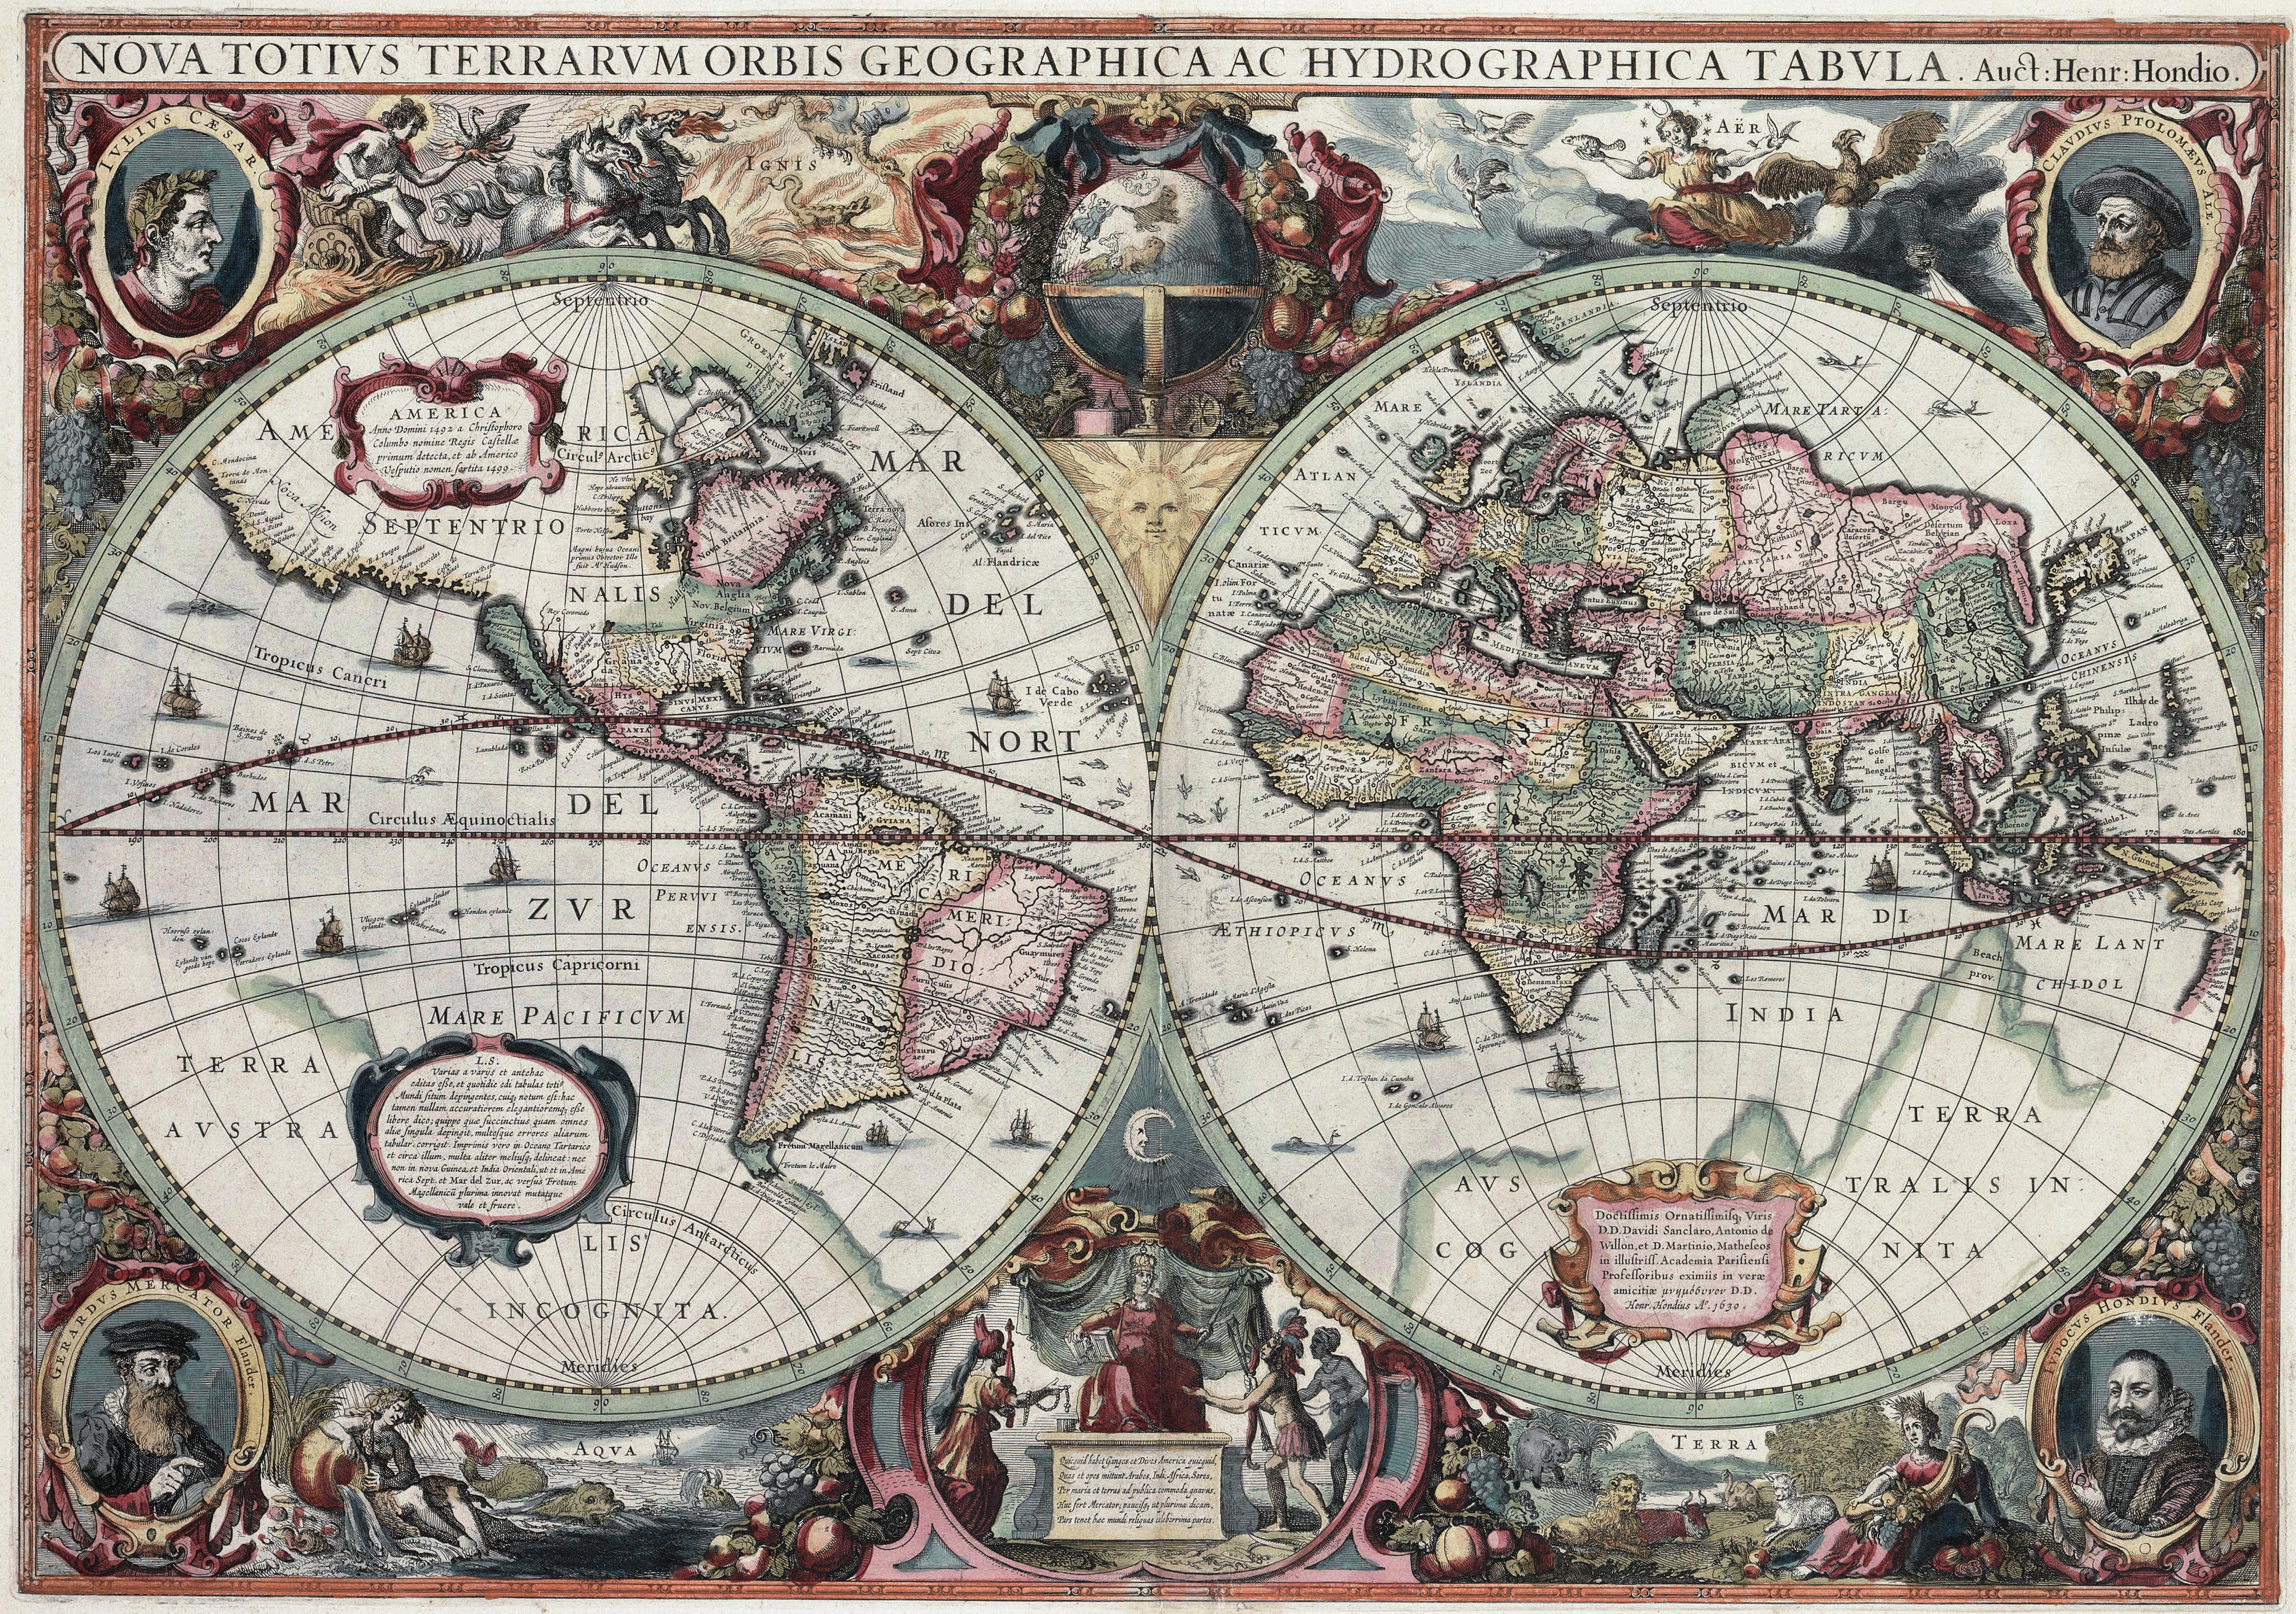 Picture Of Map Of Australia%0A Nova Totius Terrarum Orbis